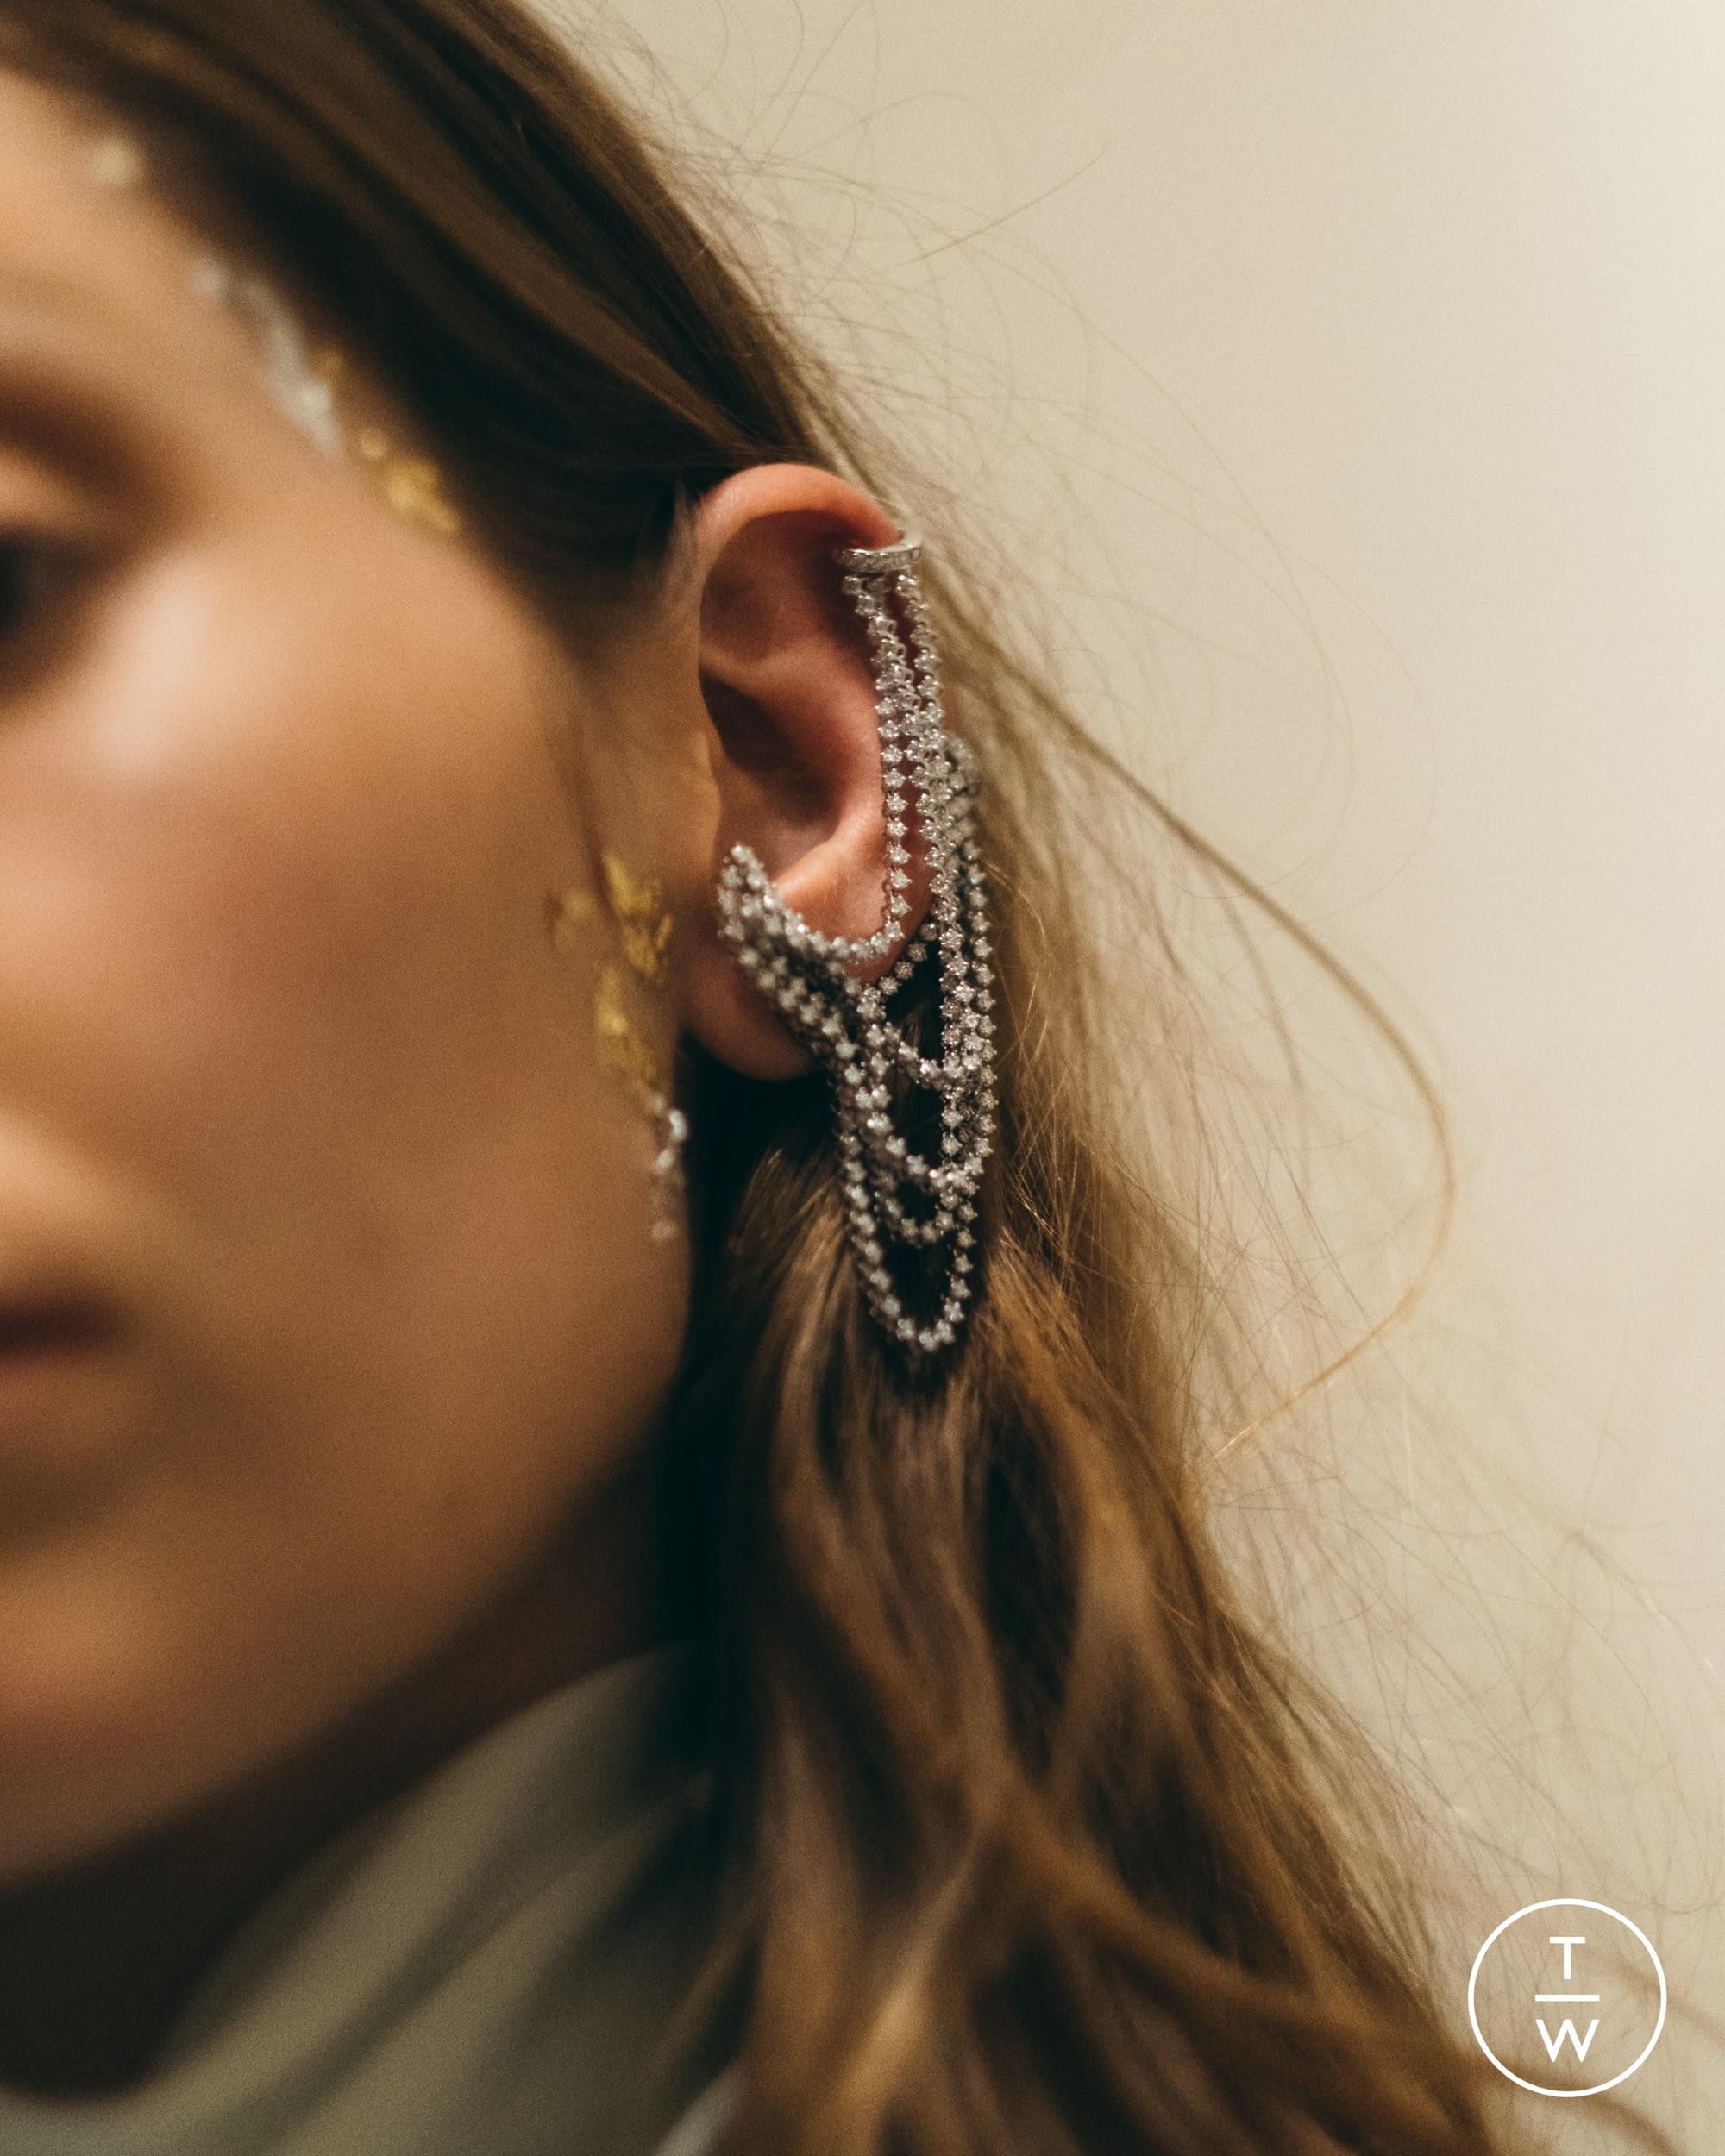 Tappezzeria Trompe L Oeil dauphin fw20 womenswear accessories #61 - the fashion search